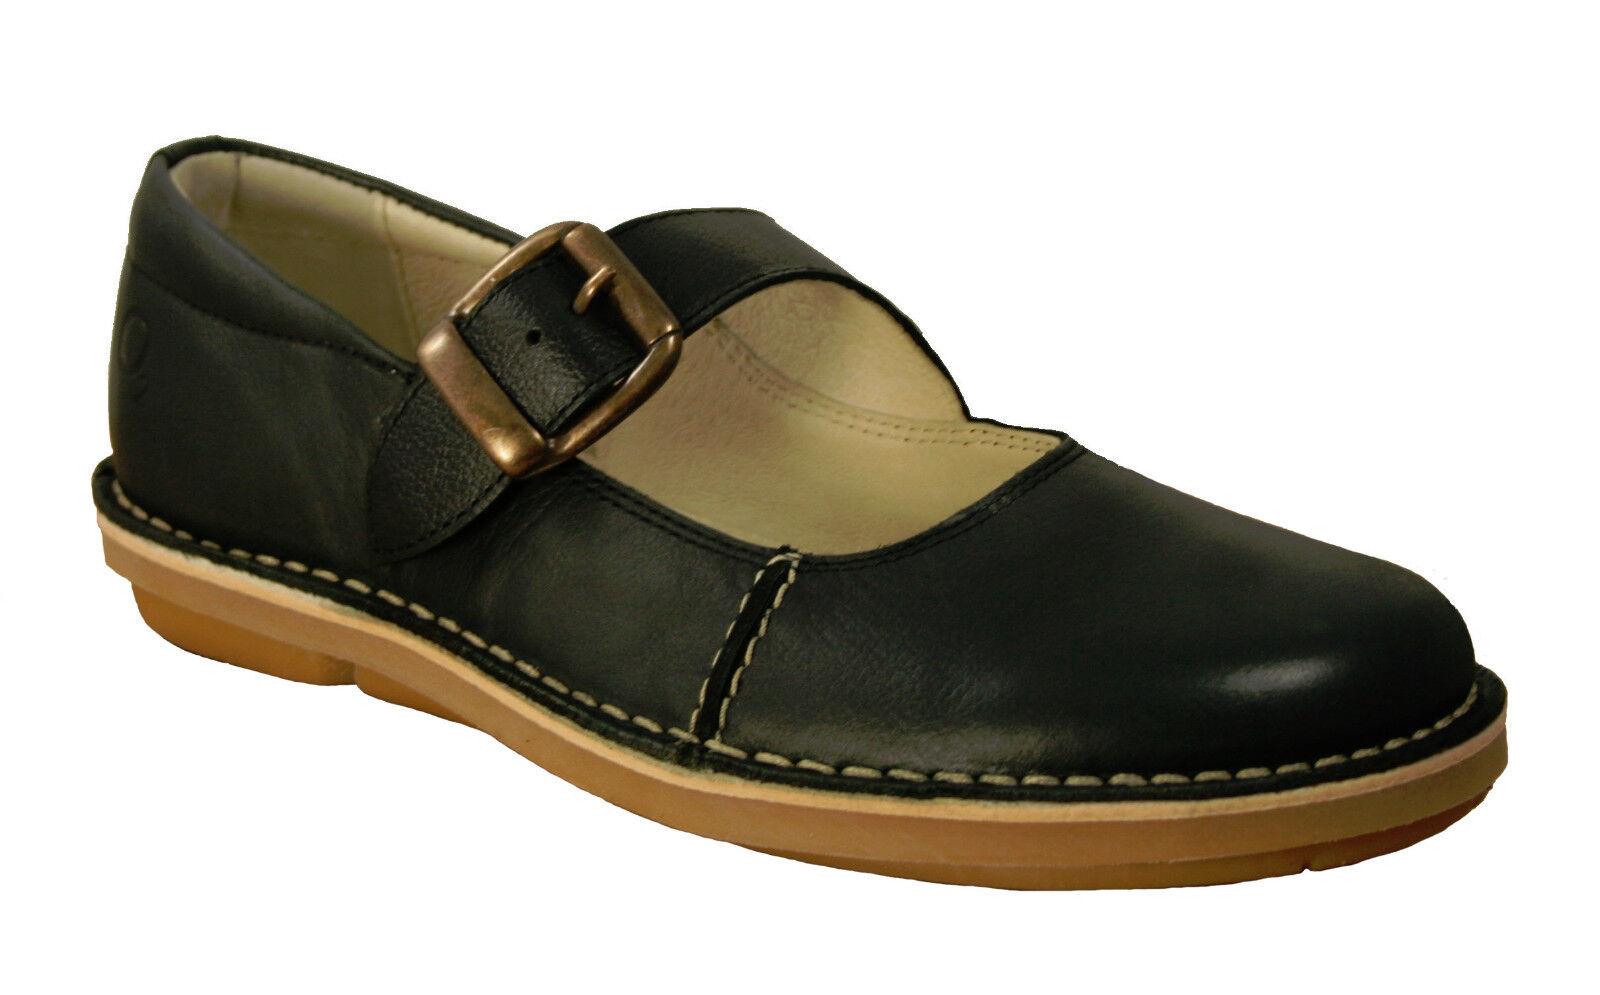 Puntada de oxígeno abajo Mary Jane Zapatos Bonn Negro Negro Negro Tamaños de 36 a 41 (UK 3-7.5)  80% de descuento